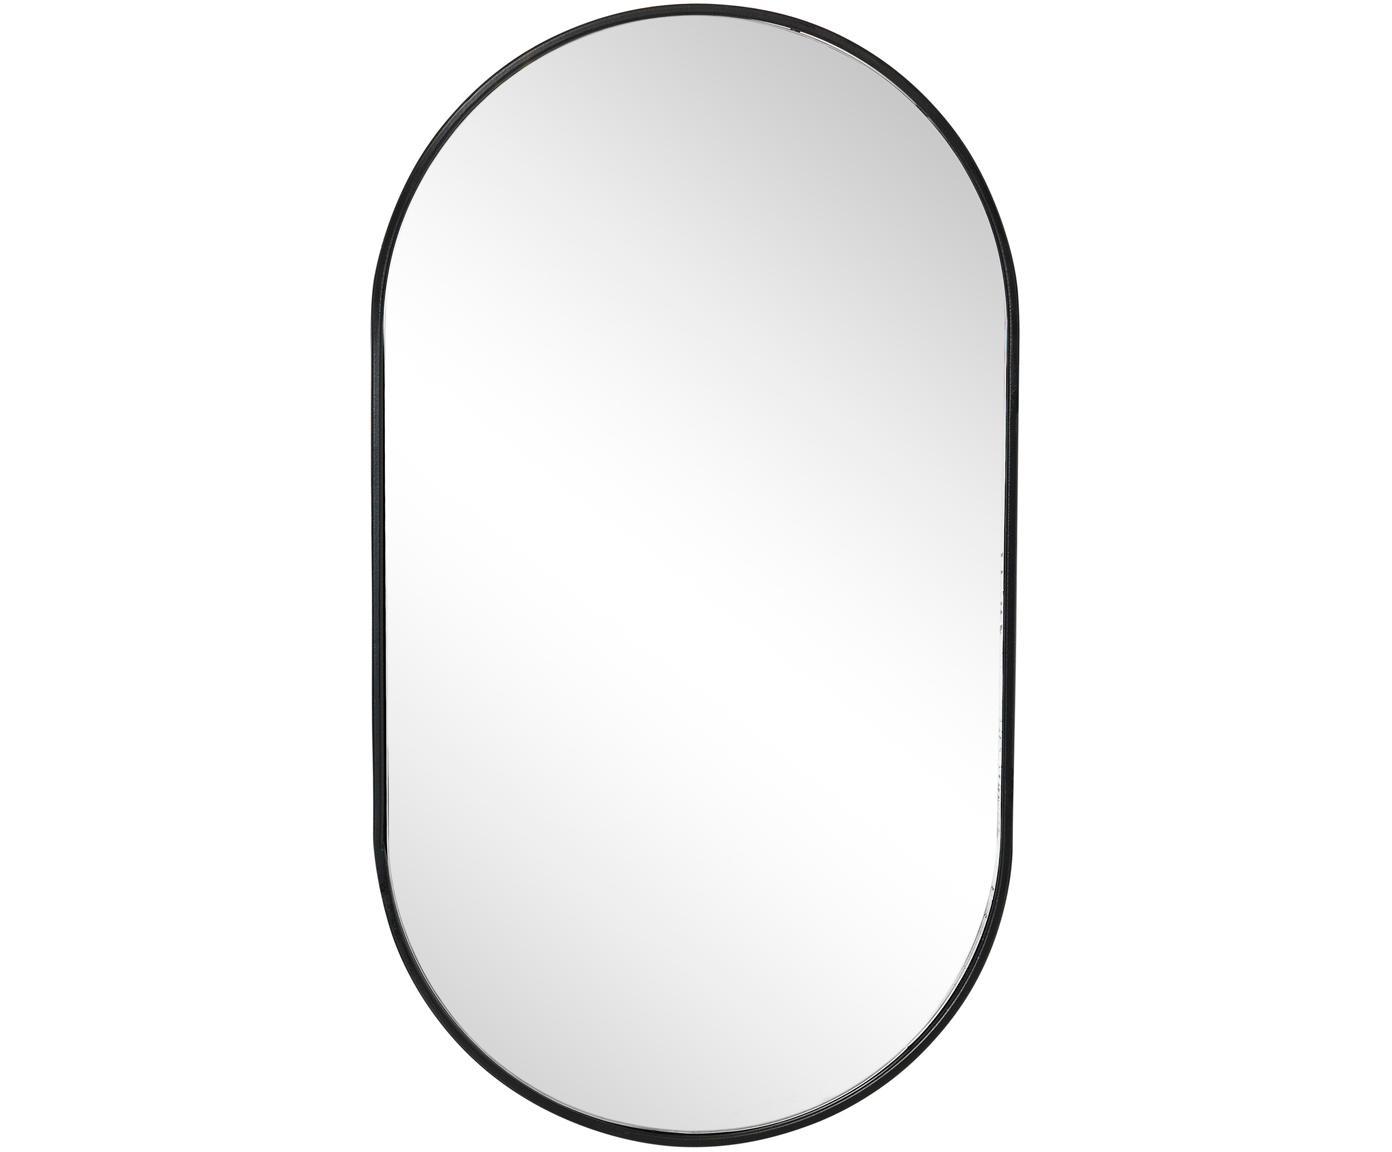 Ovaler Wandspiegel Pelle mit schwarzem Metallrahmen, Rahmen: Metall, beschichtet, Spiegelfläche: Spiegelglas, Schwarz, 33 x 66 cm